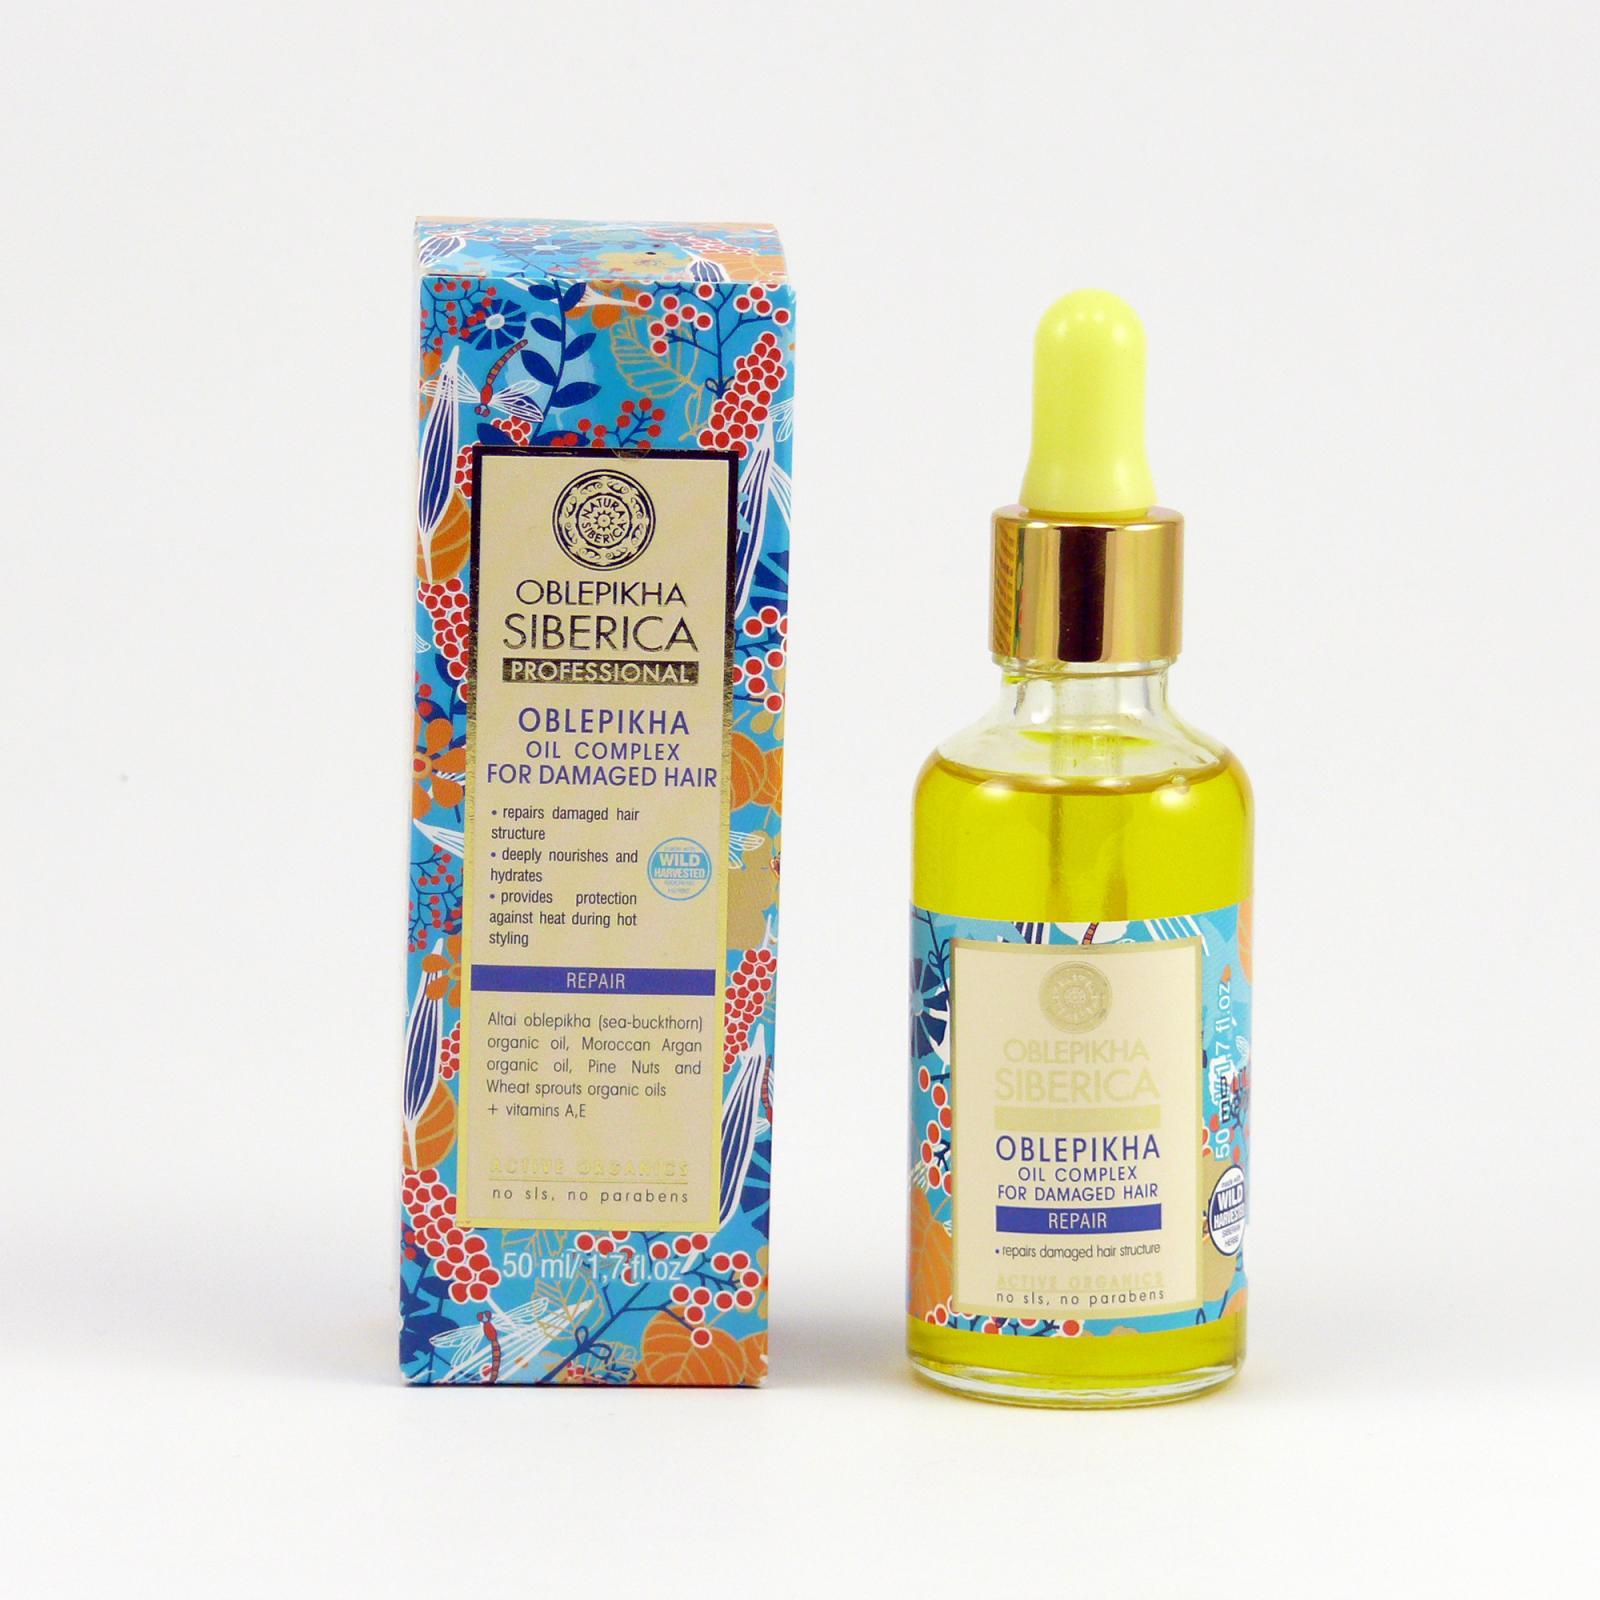 Natura Siberica Směs rakytníku a dalších olejů pro péči o poškozené vlasy 50 ml